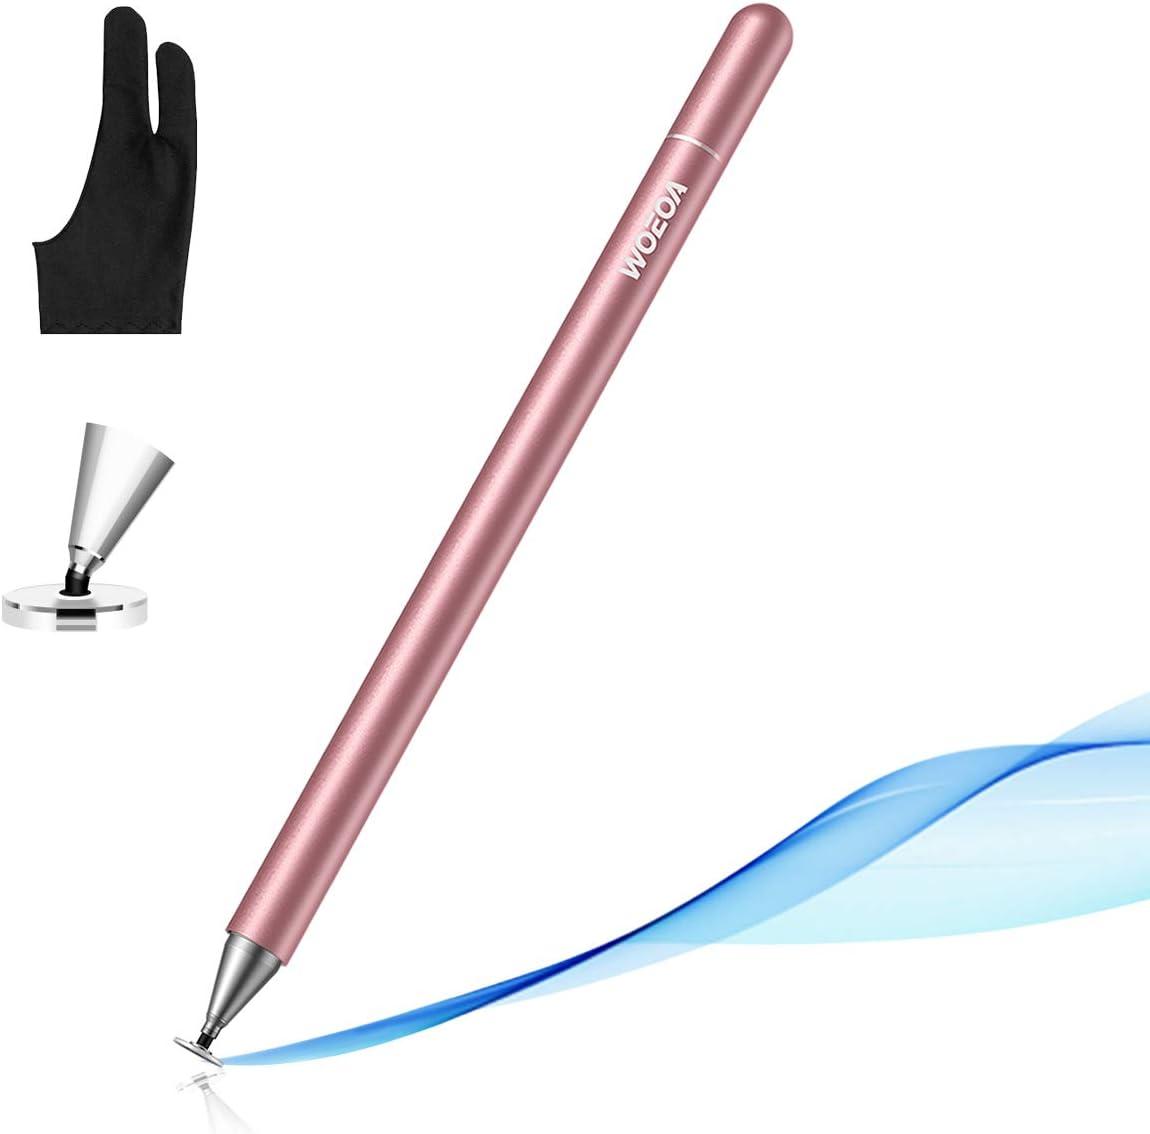 JOYROOM - Lápiz capacitivo para pantallas táctiles de iPhone, iPad Pro/Mini/Air, Android, Microsoft, Surface, Samsung Galaxy, Tablet o dibujo para niños, con guante de artista